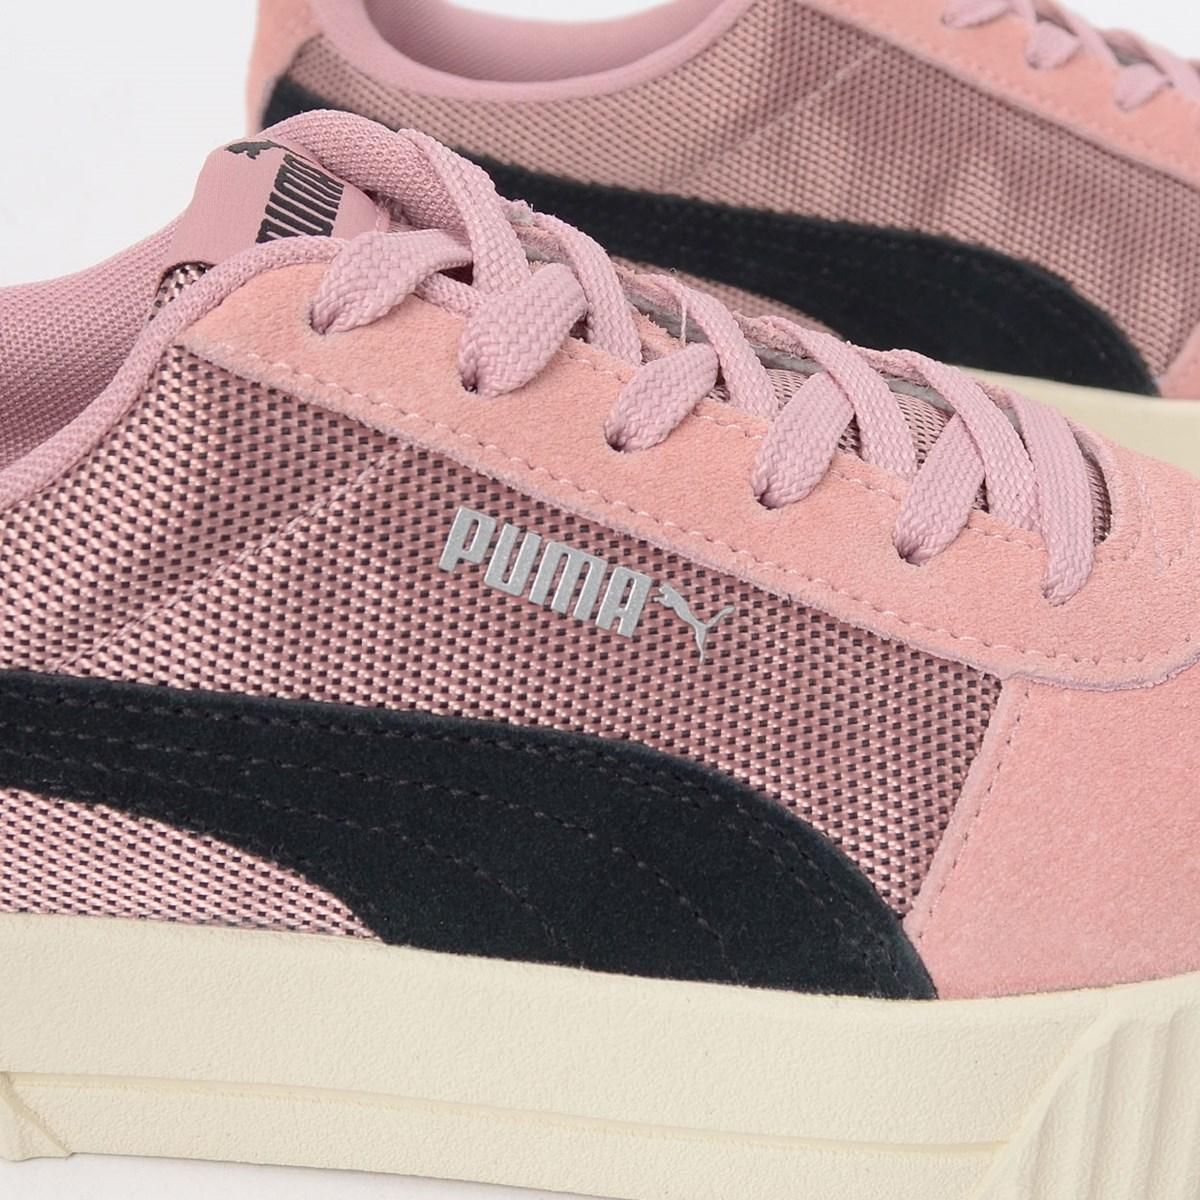 Tenis Puma Carina Lux SD Rosa Preto 37054002